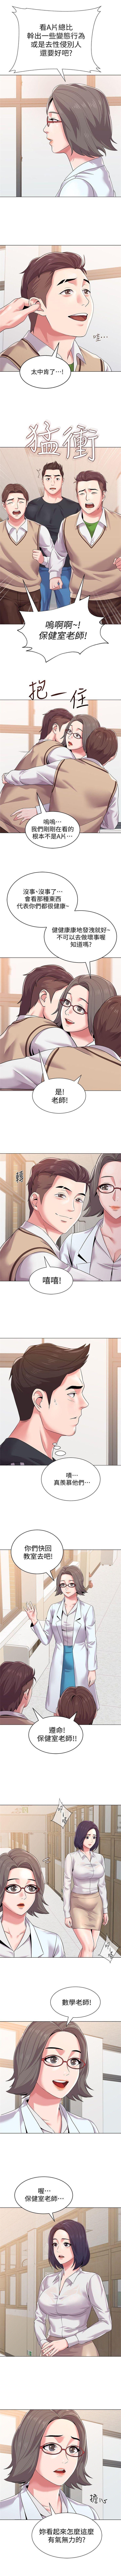 (周3)老师 1-56 中文翻译(更新中) 106